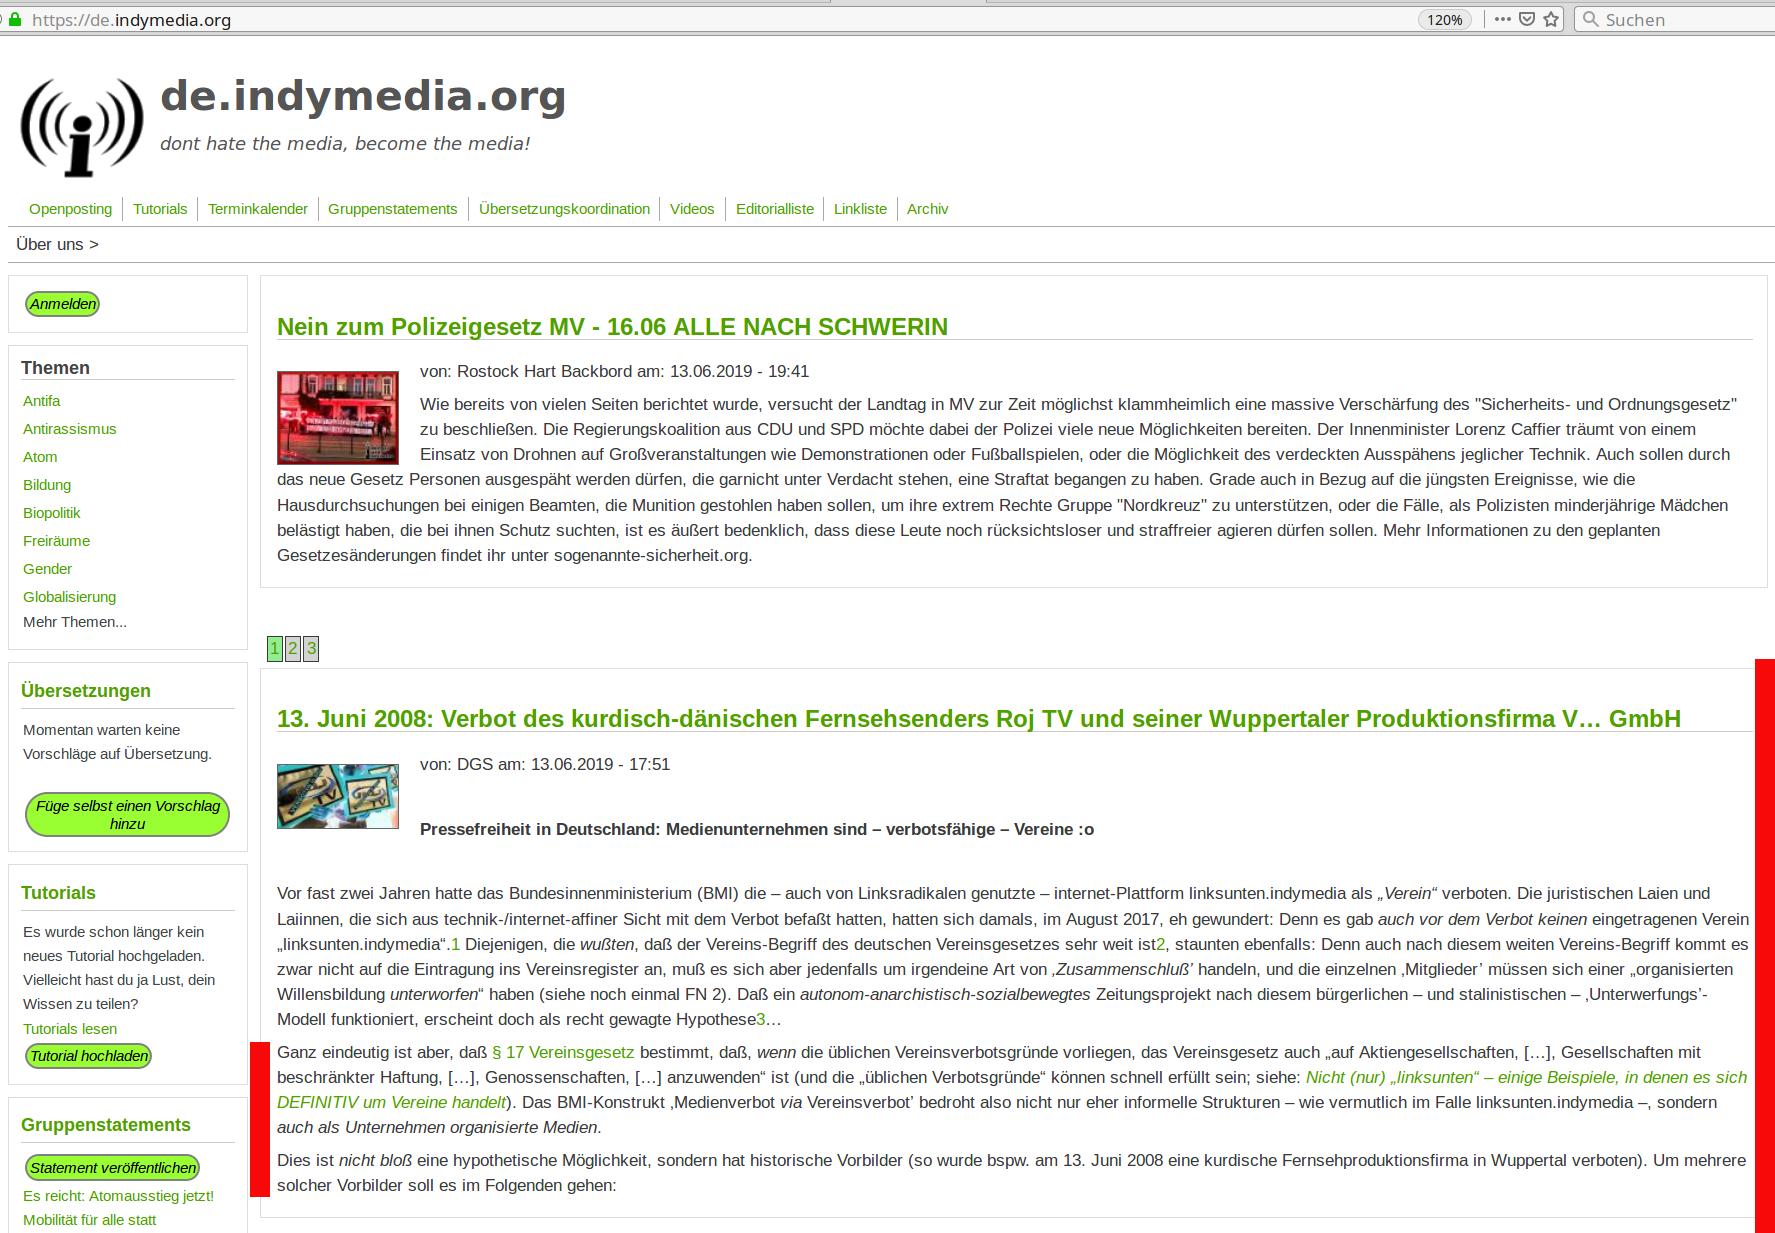 Startseite von de.indymedia vom 14. Juni 2019